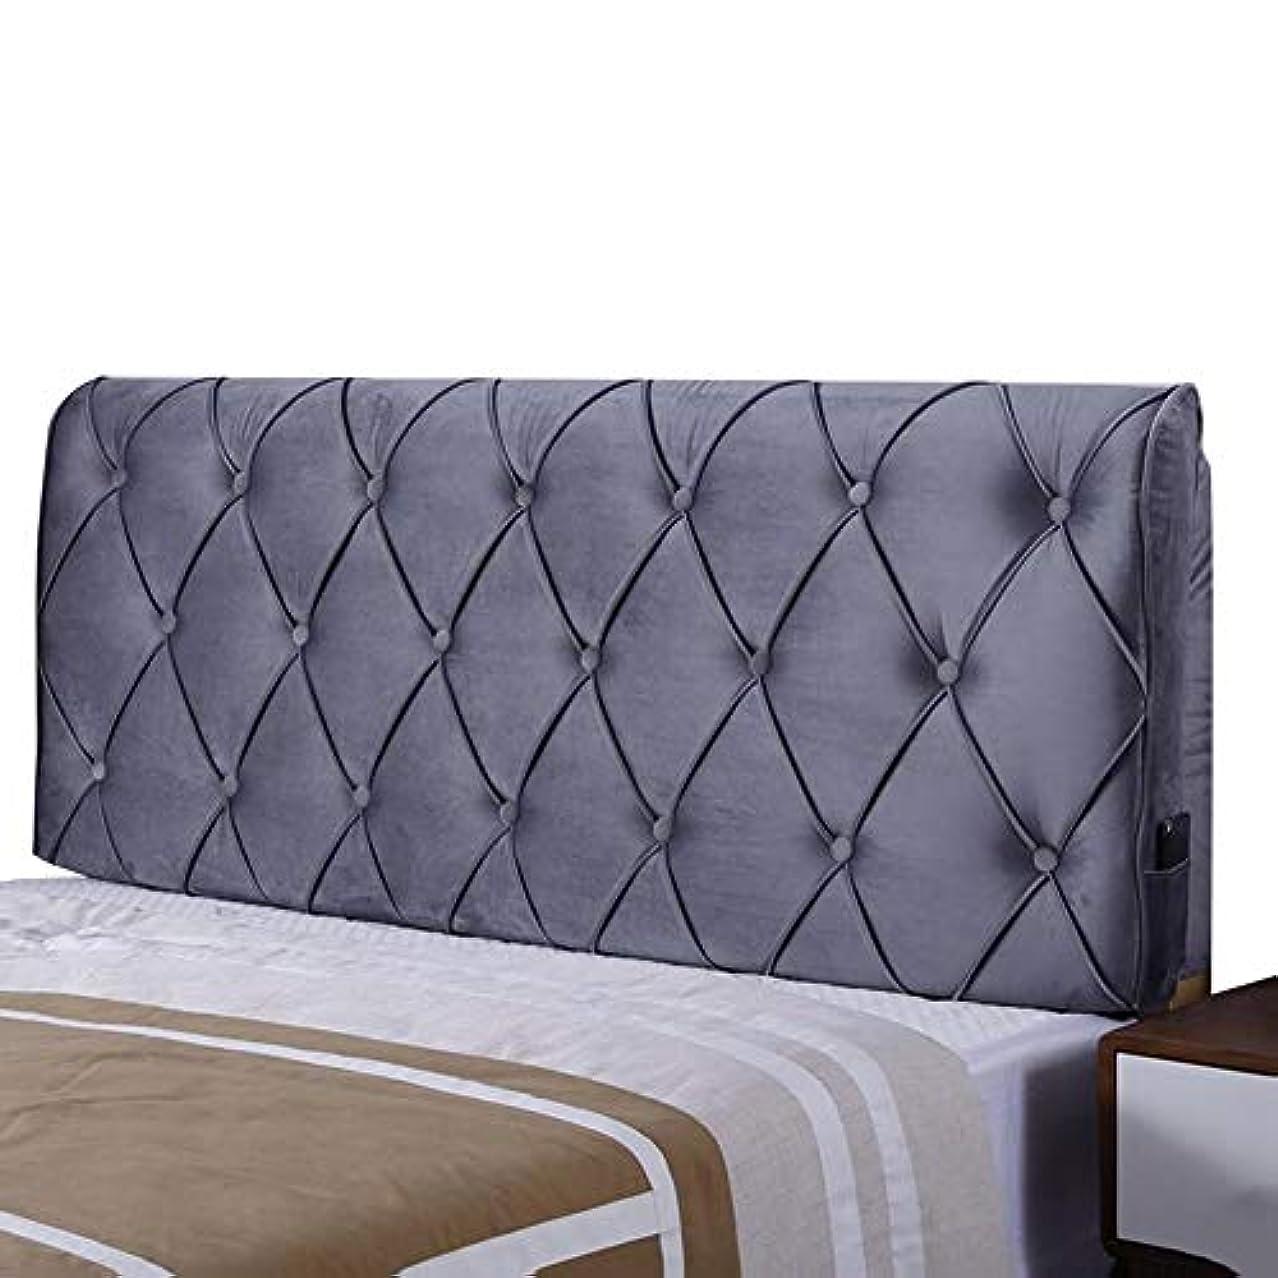 オペラ存在起こるLIANGLIANG クションベッドの背もたれ ベッドルームダブルエクストララージベッド背もたれ サポートスポンジ充填、4色、6サイズ (色 : Gray, サイズ さいず : 90x60x12cm)